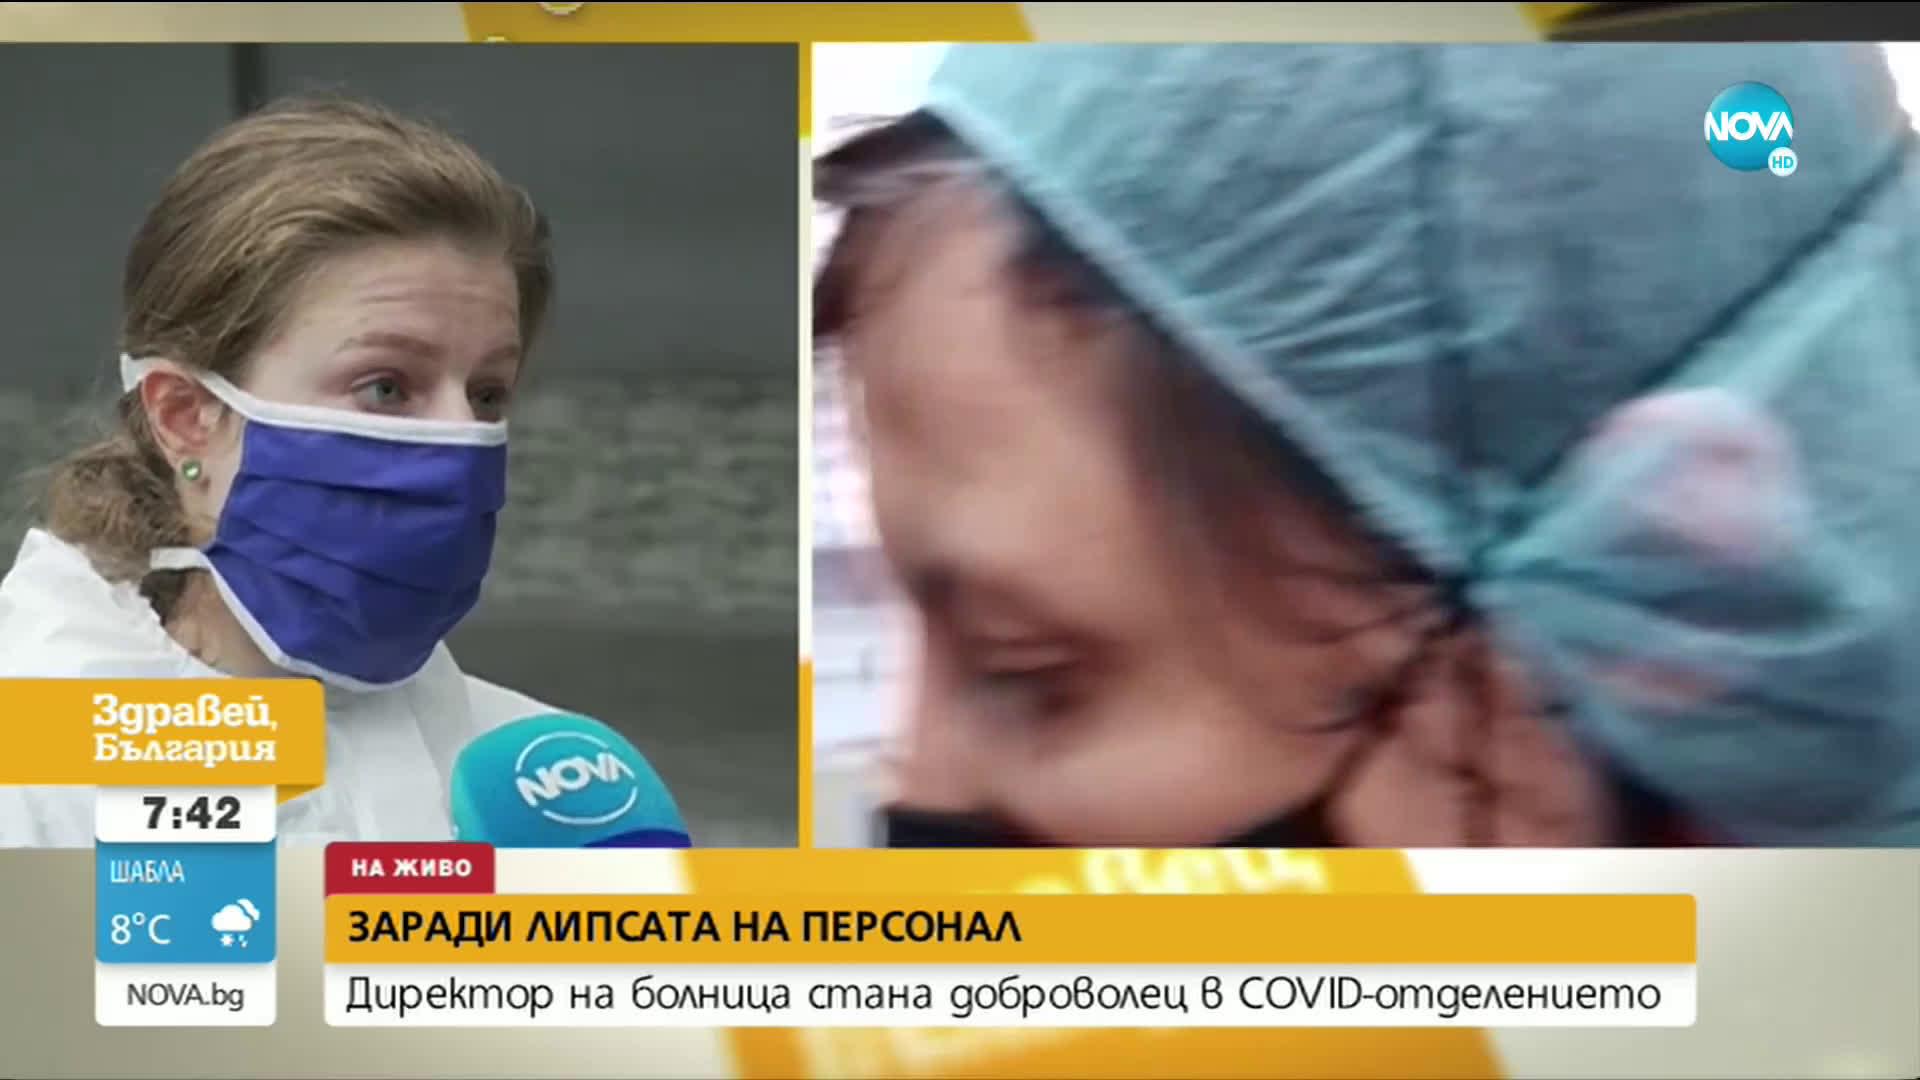 Директор на болница стана доброволец в COVID-отделението